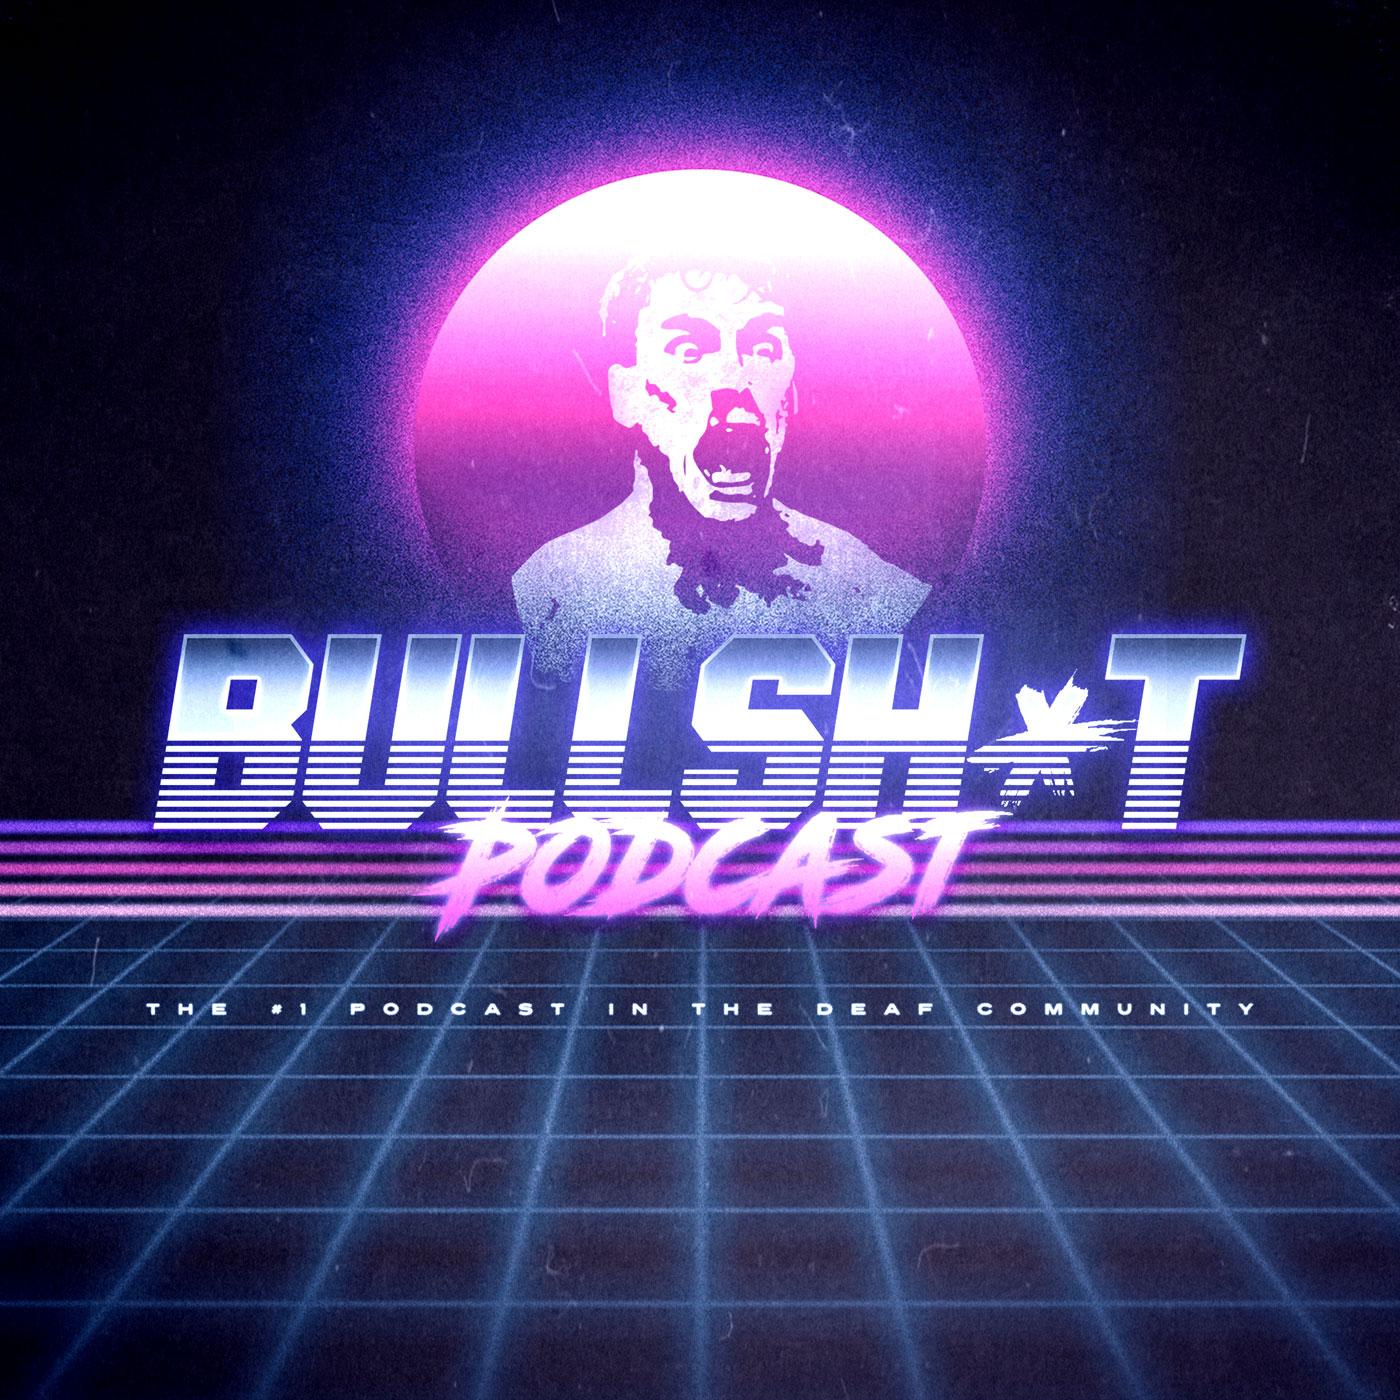 Bullsh*t Podcast show art